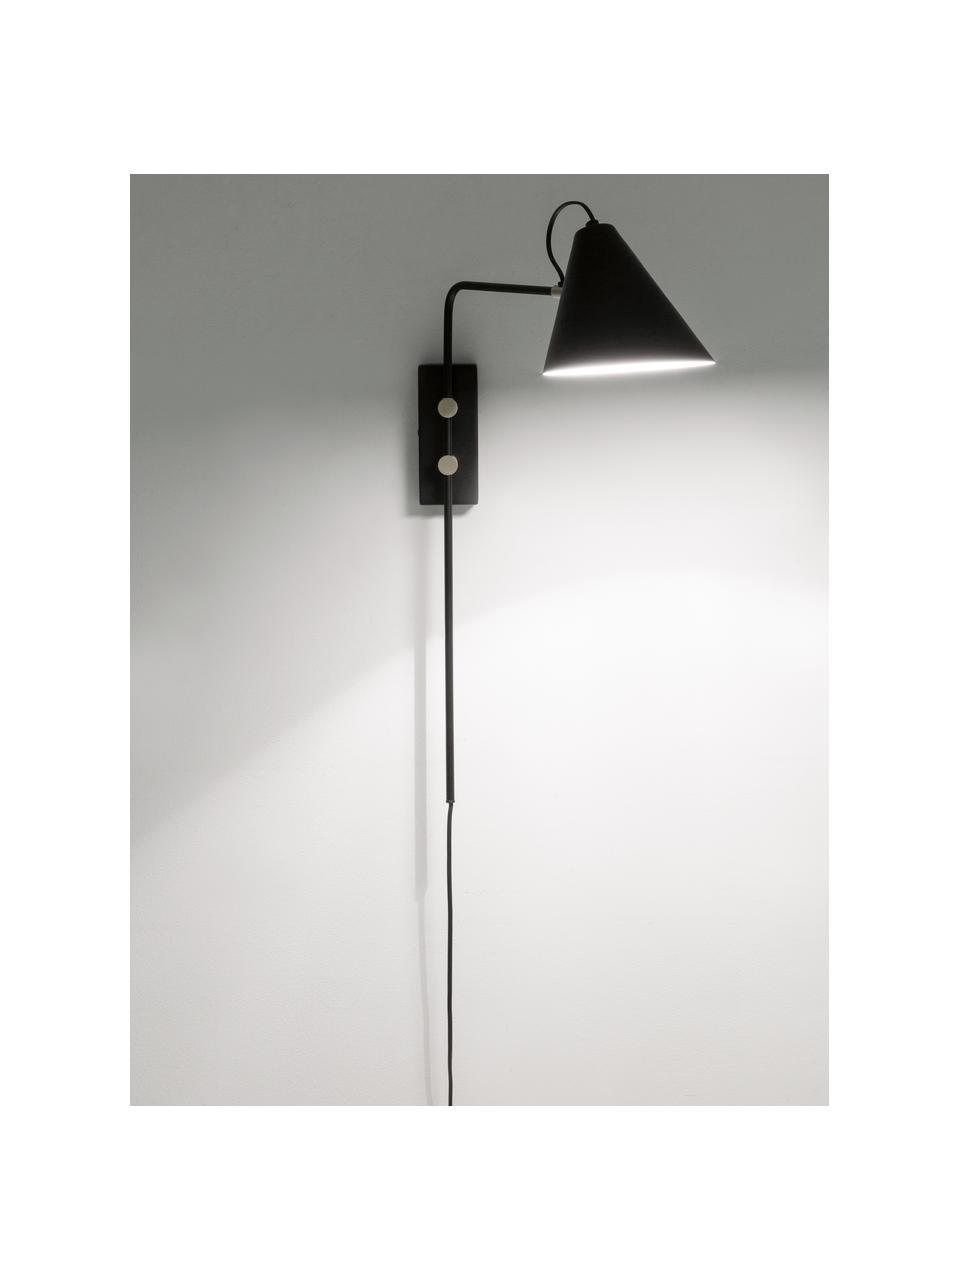 Wandleuchte Club mit Stecker, Lampenschirm: Eisen, pulverbeschichtet, Dekor: Metall, vermessigt, Leuchte: Schwarz Details: Messing, 18 x 62 cm